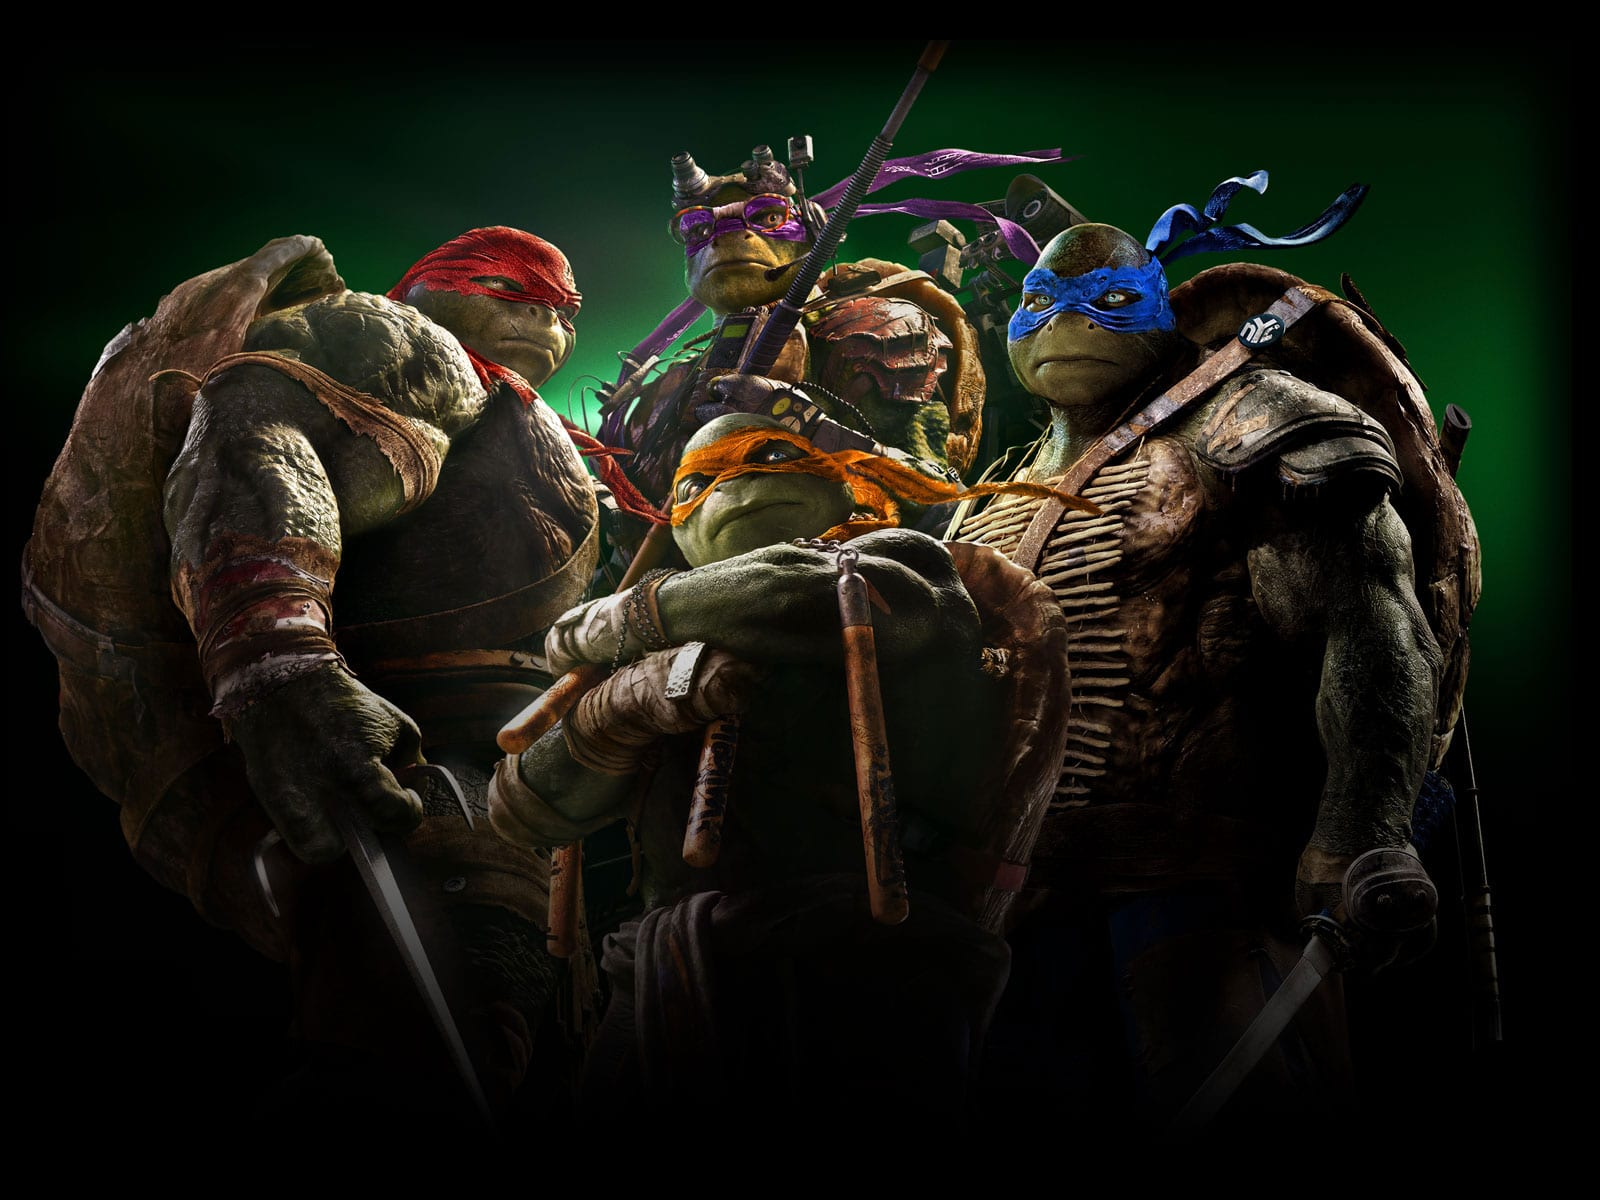 Teenage Mutant Ninja Turtles Pictures